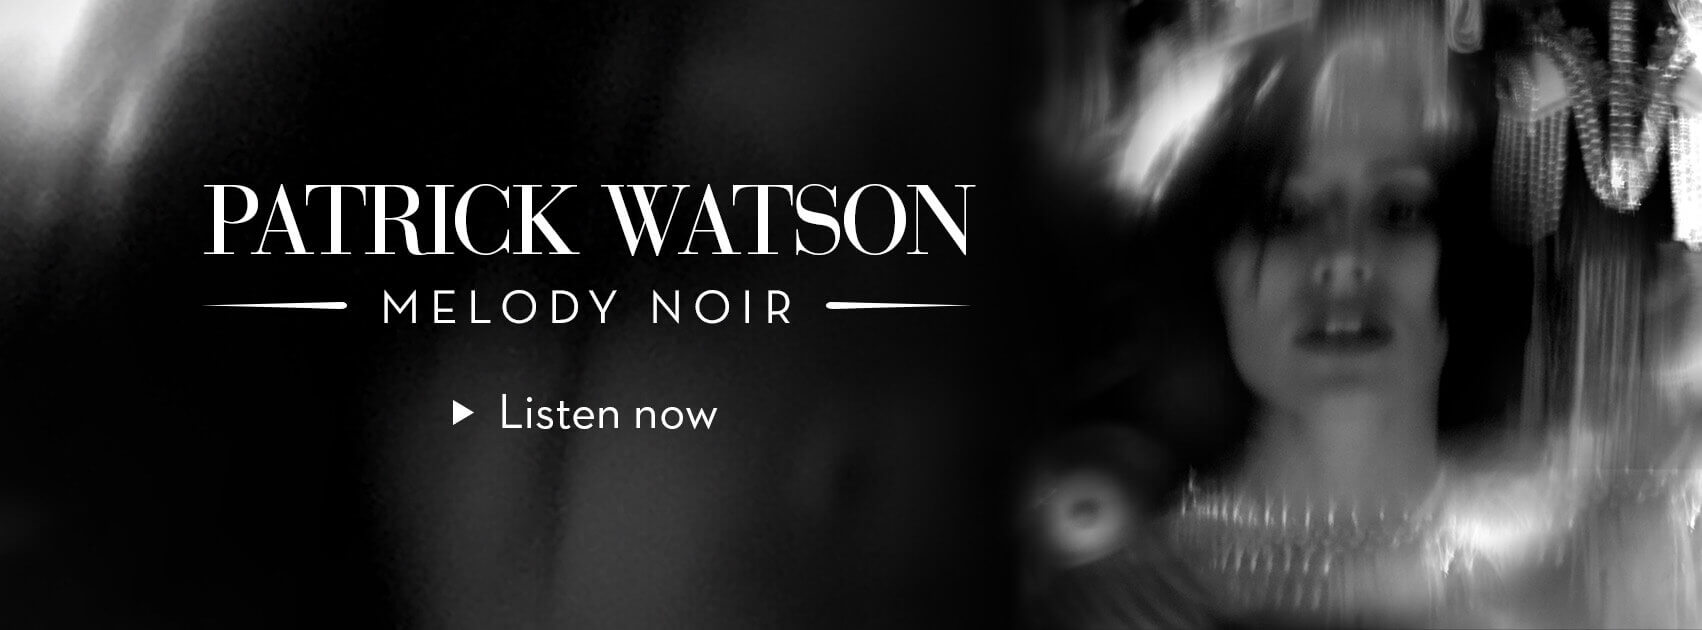 PatrickWatson-MelodyNoirSCR-En